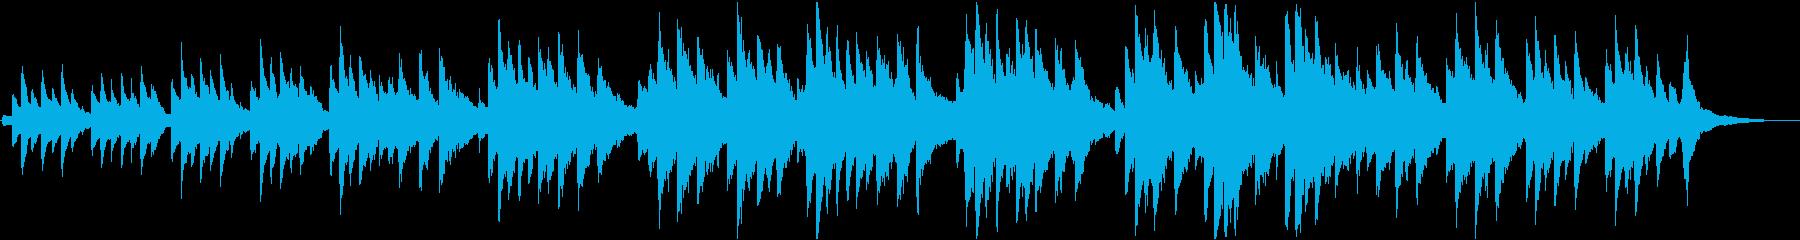 アンビエントミュージック ロマンチ...の再生済みの波形